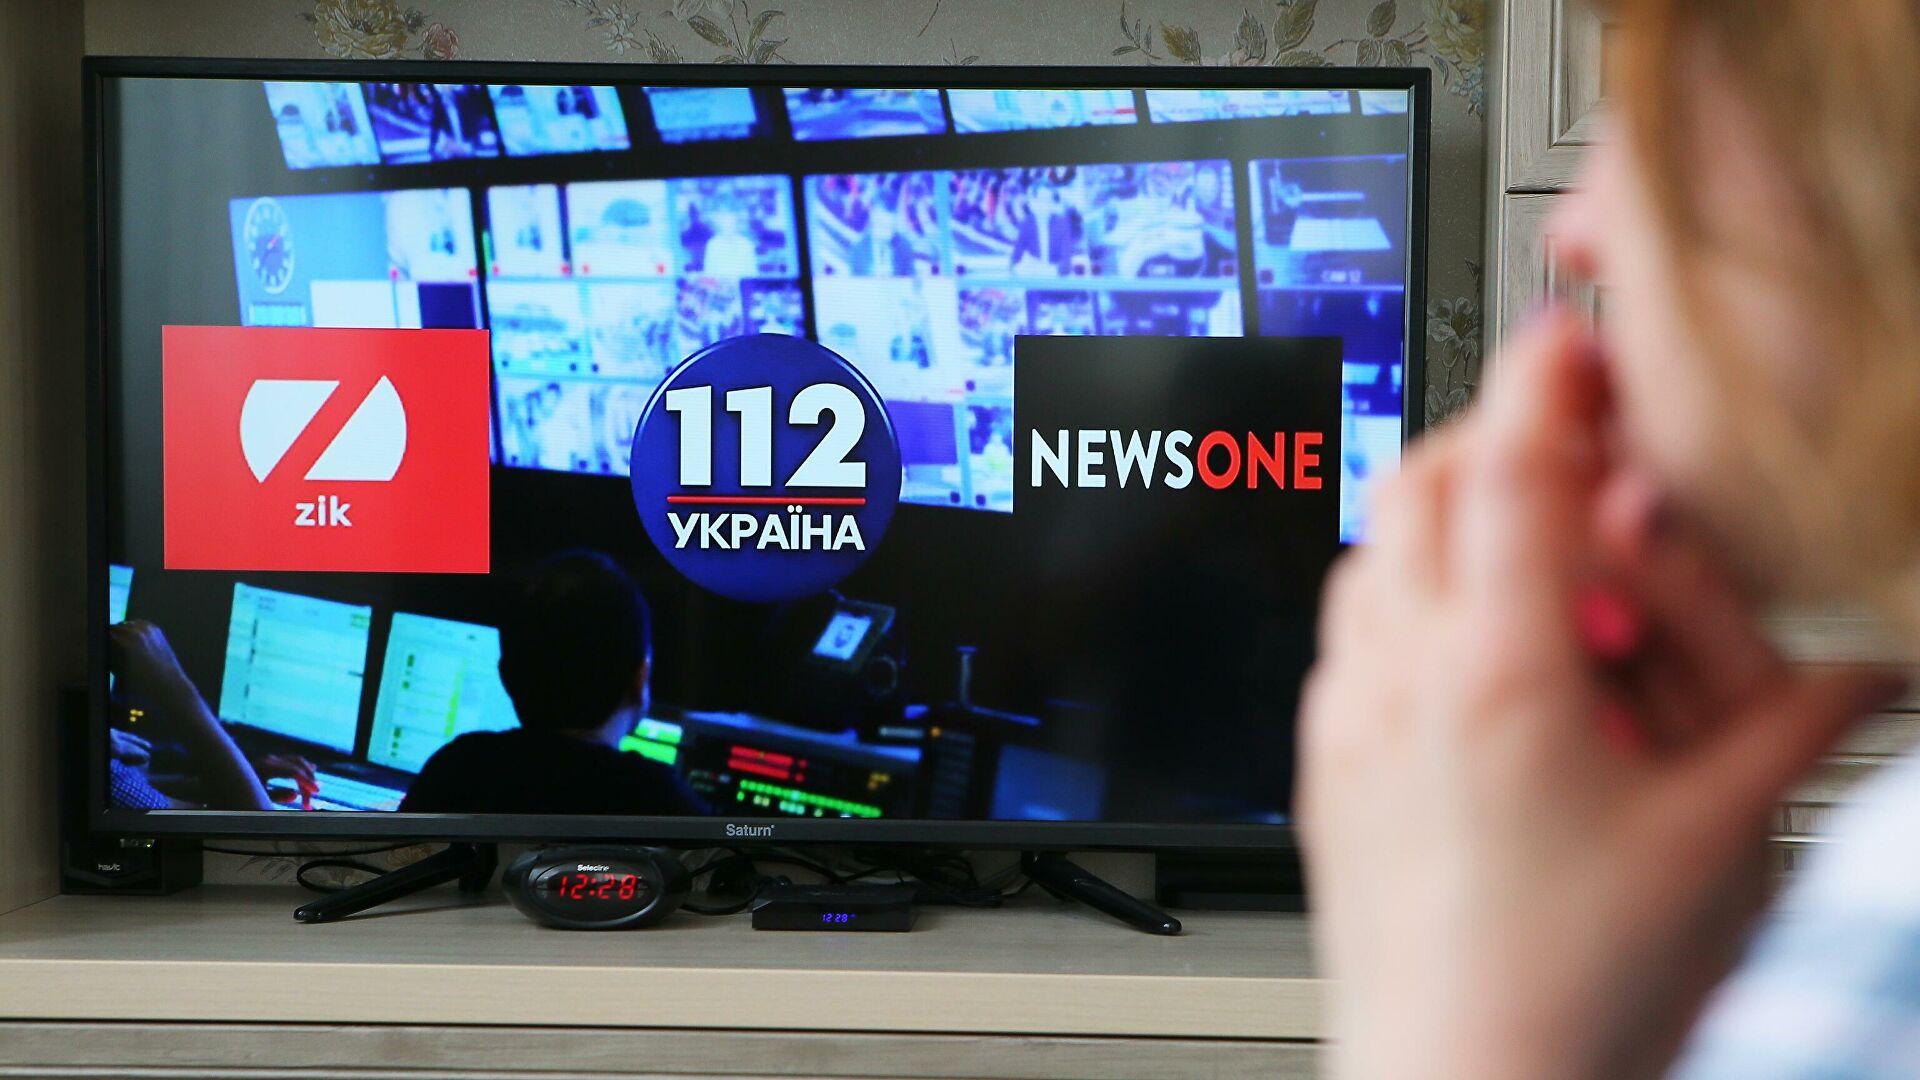 НаУкраине суд открыл дела поаннулированию лицензий двух телеканалов